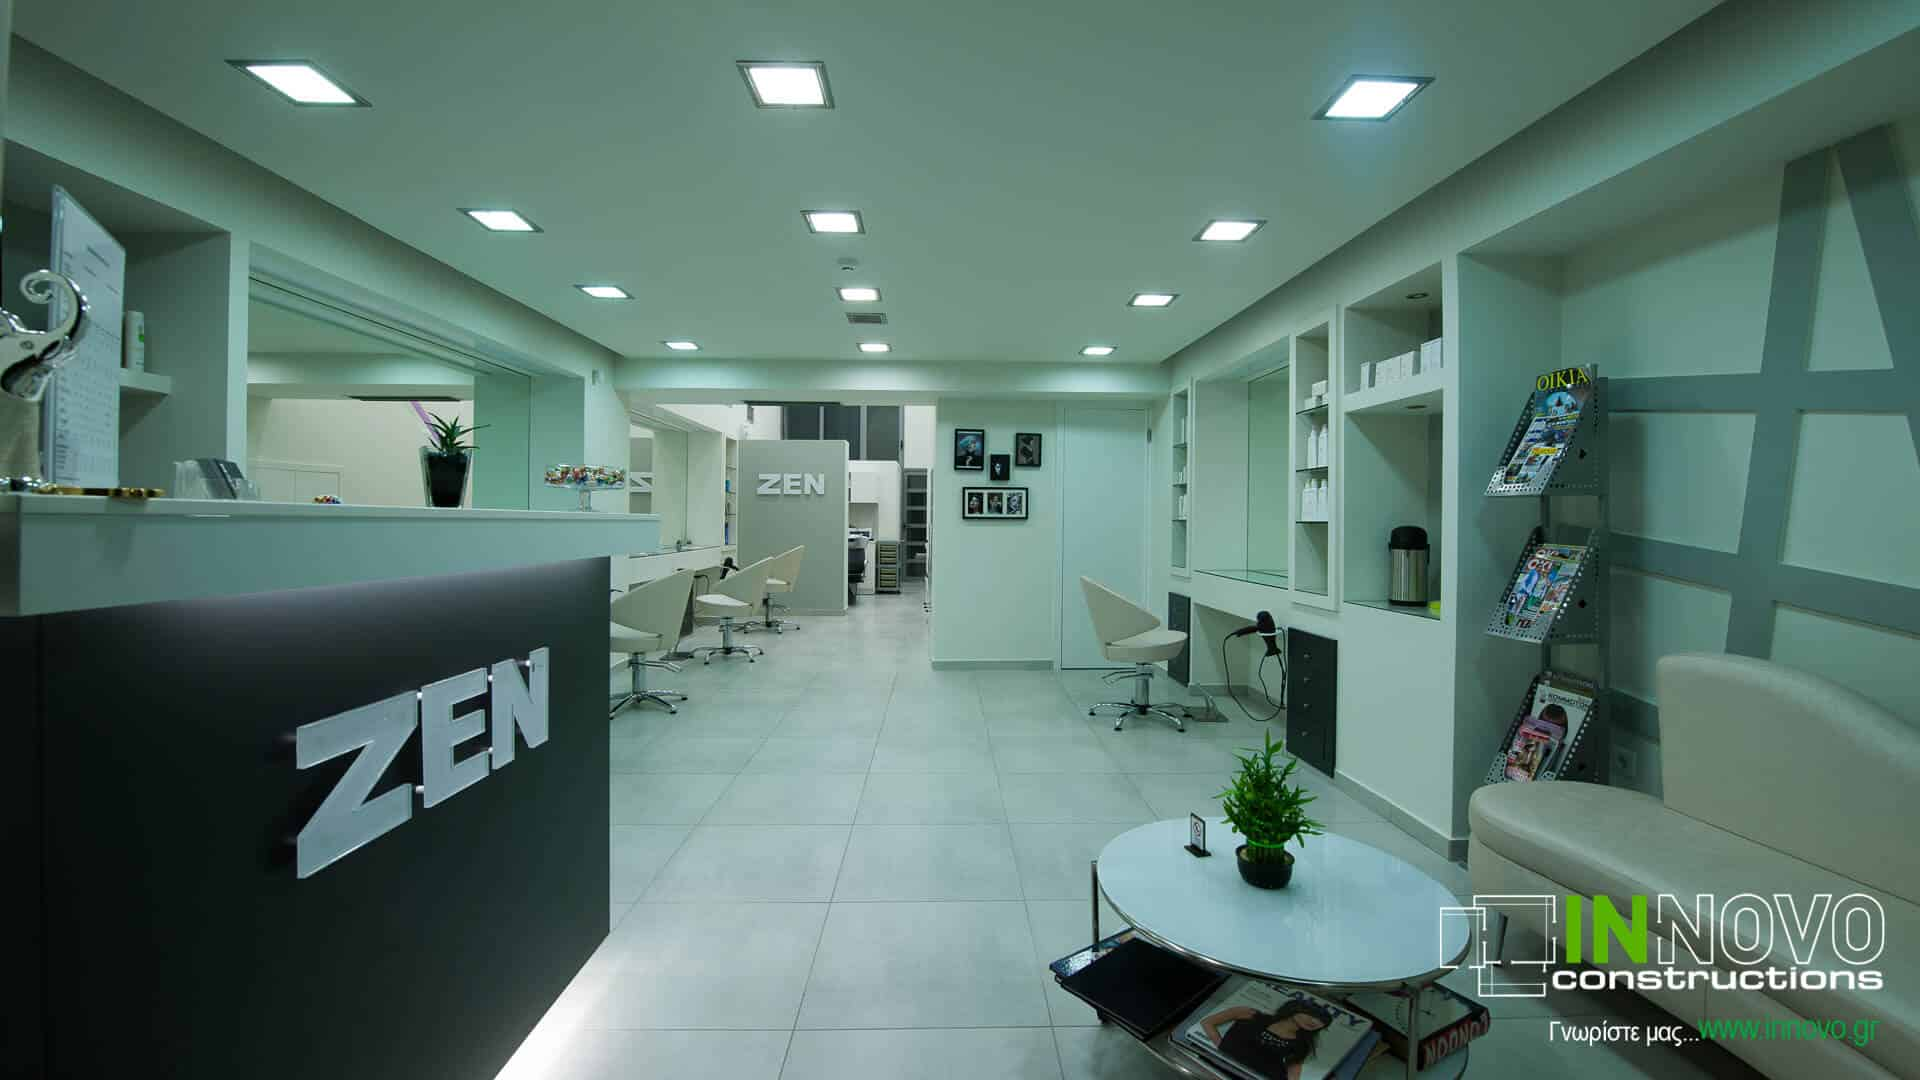 1-kataskevi-kommotiriou-hairdressers-construction-kommotirio-renti-1365-2